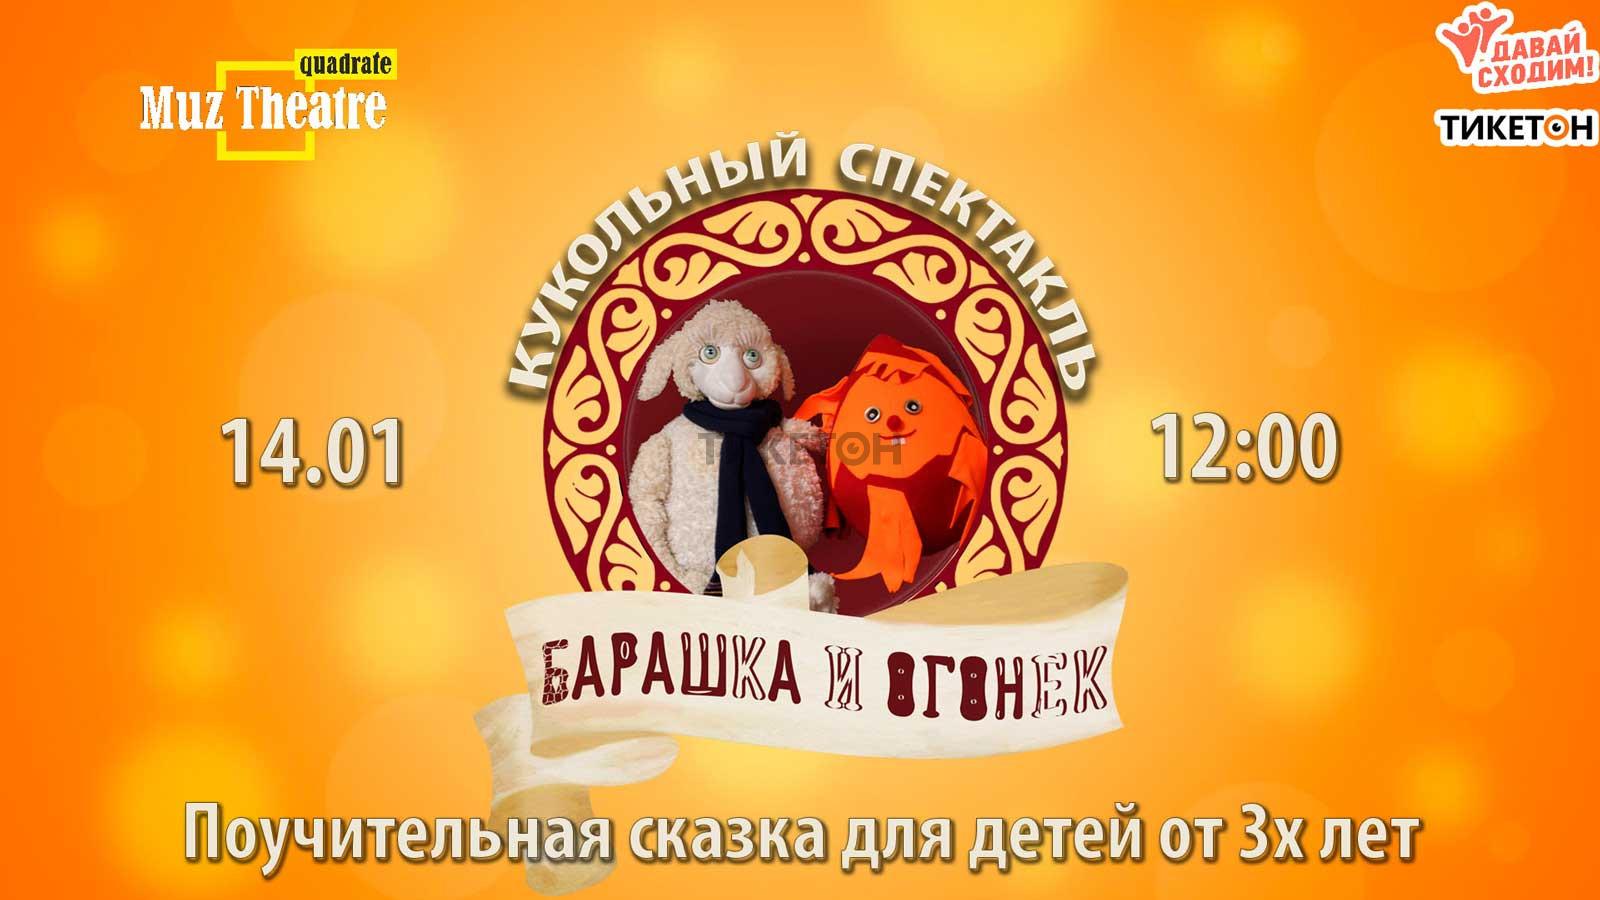 Спектакль «Барашка и Огонек»